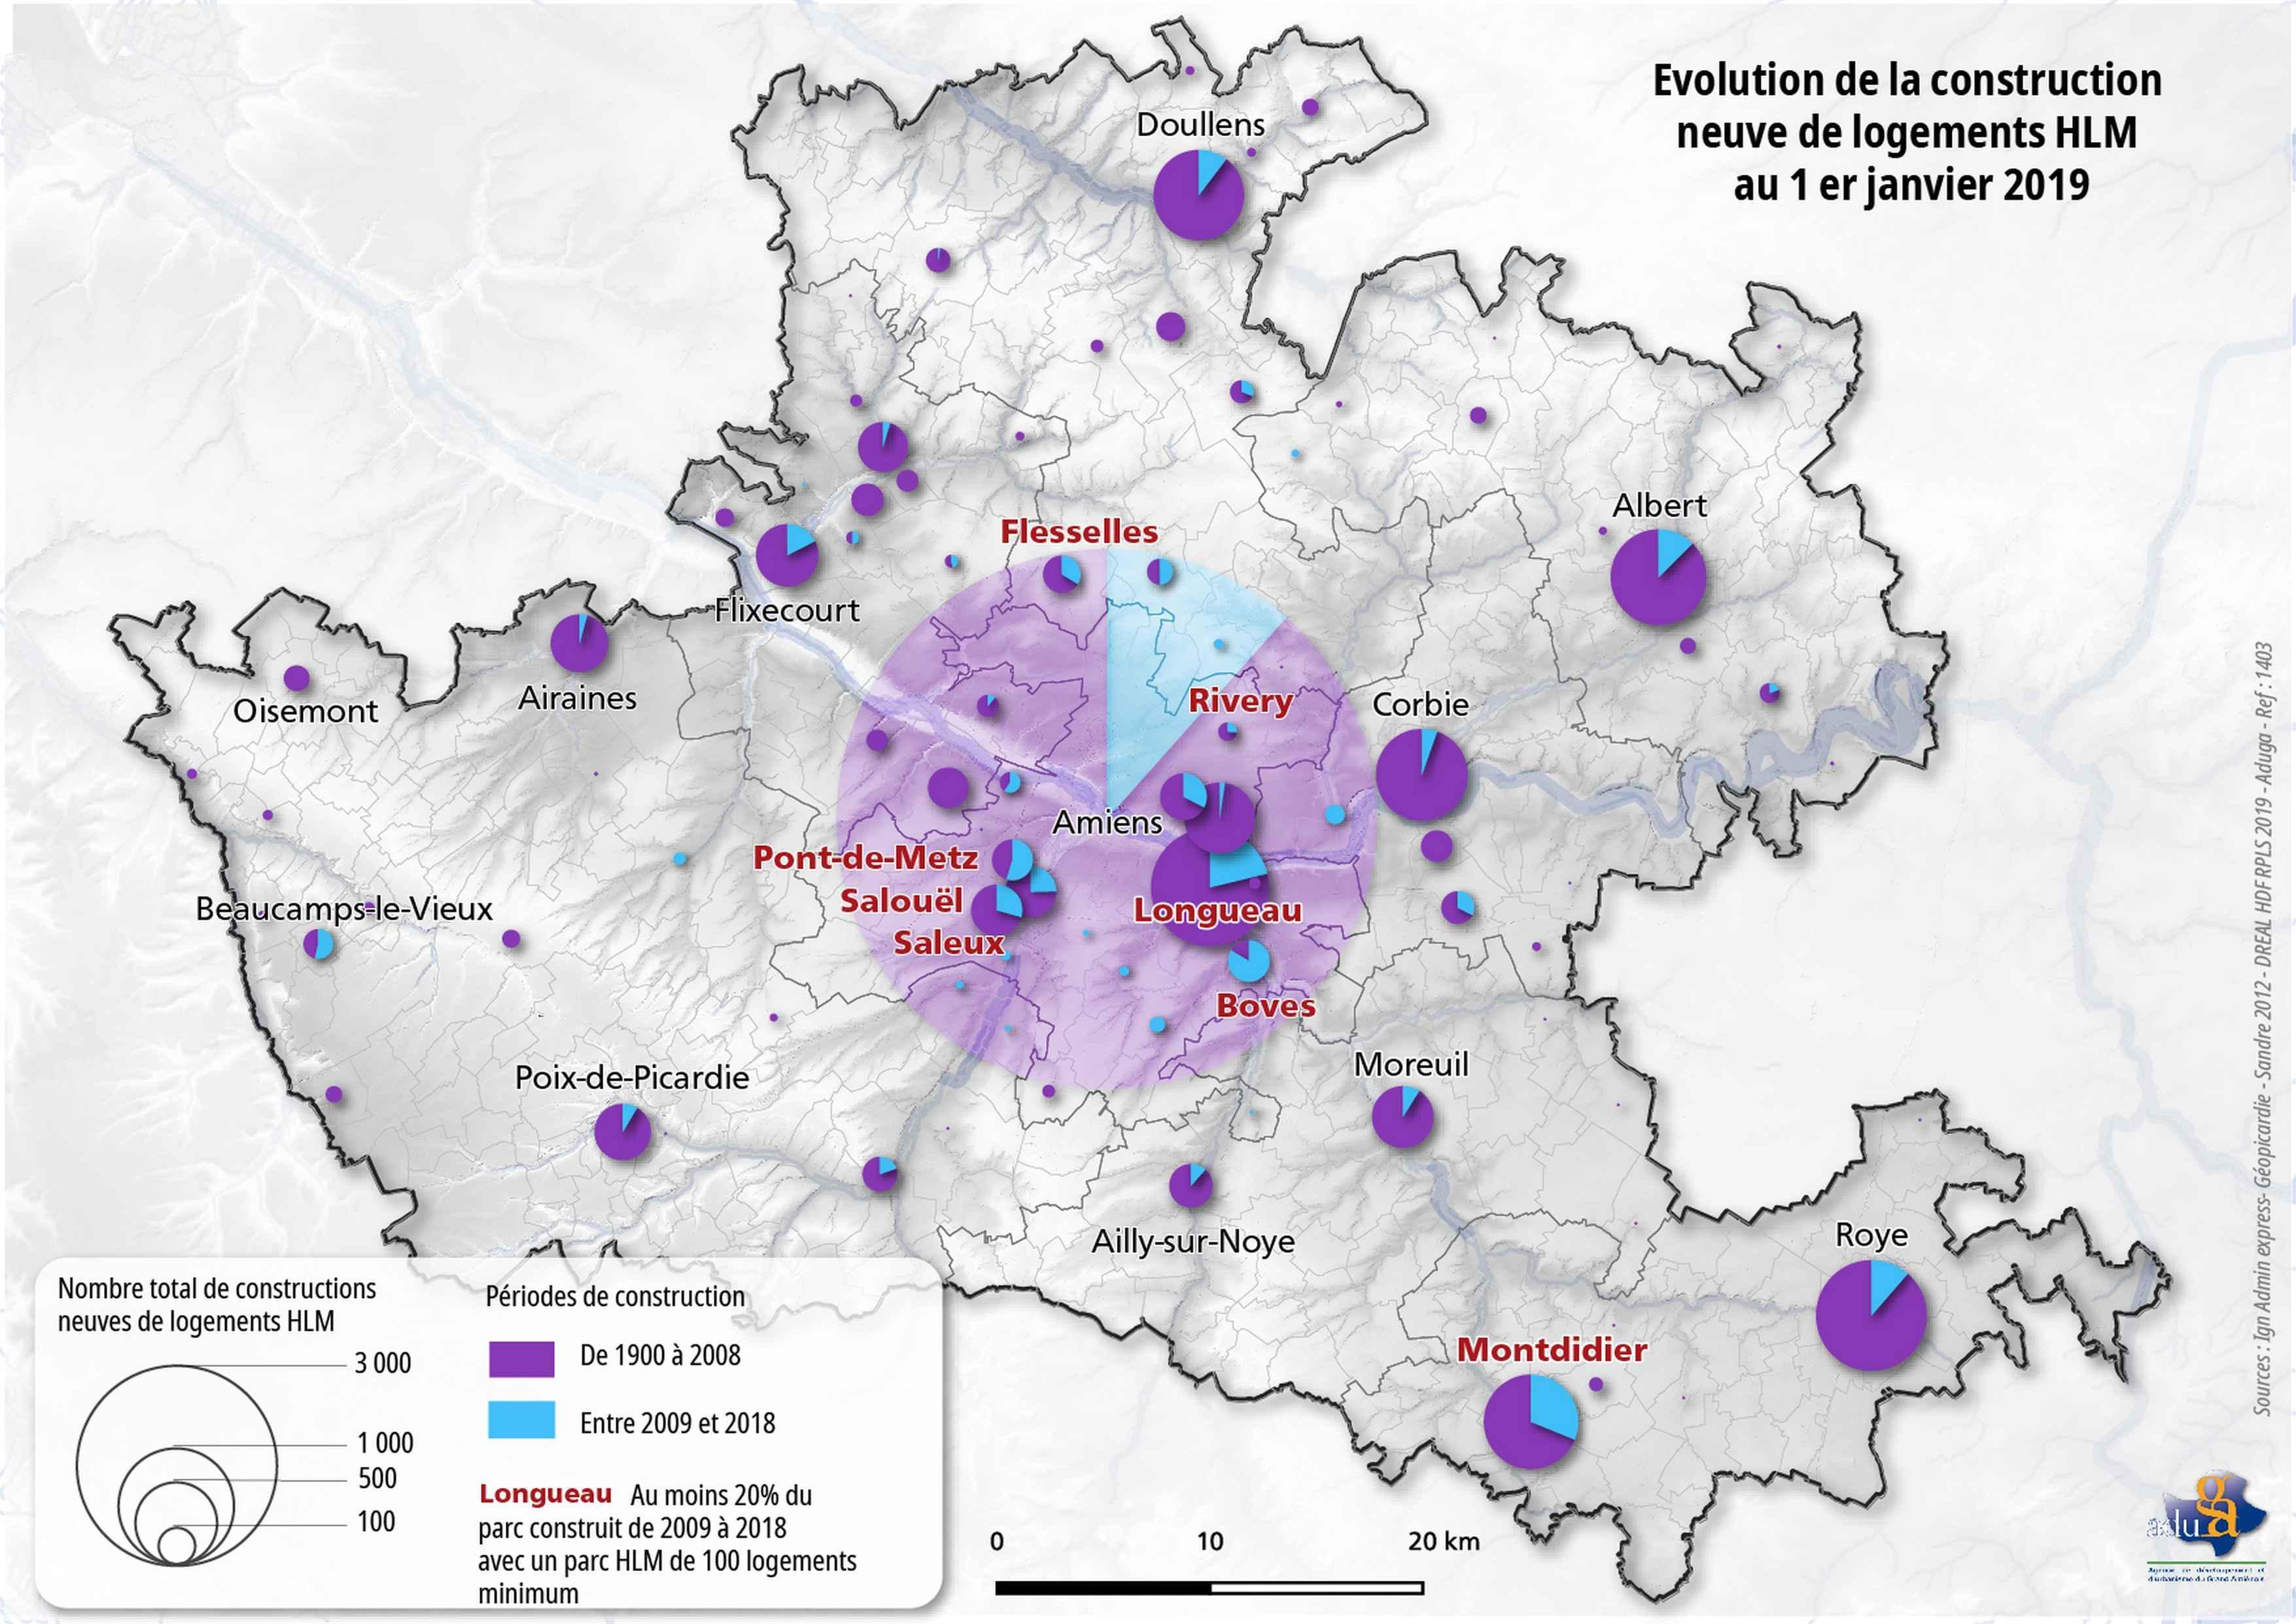 La carte du mois. Évolution de la construction neuve de logements HLM dans le Grand Amiénois